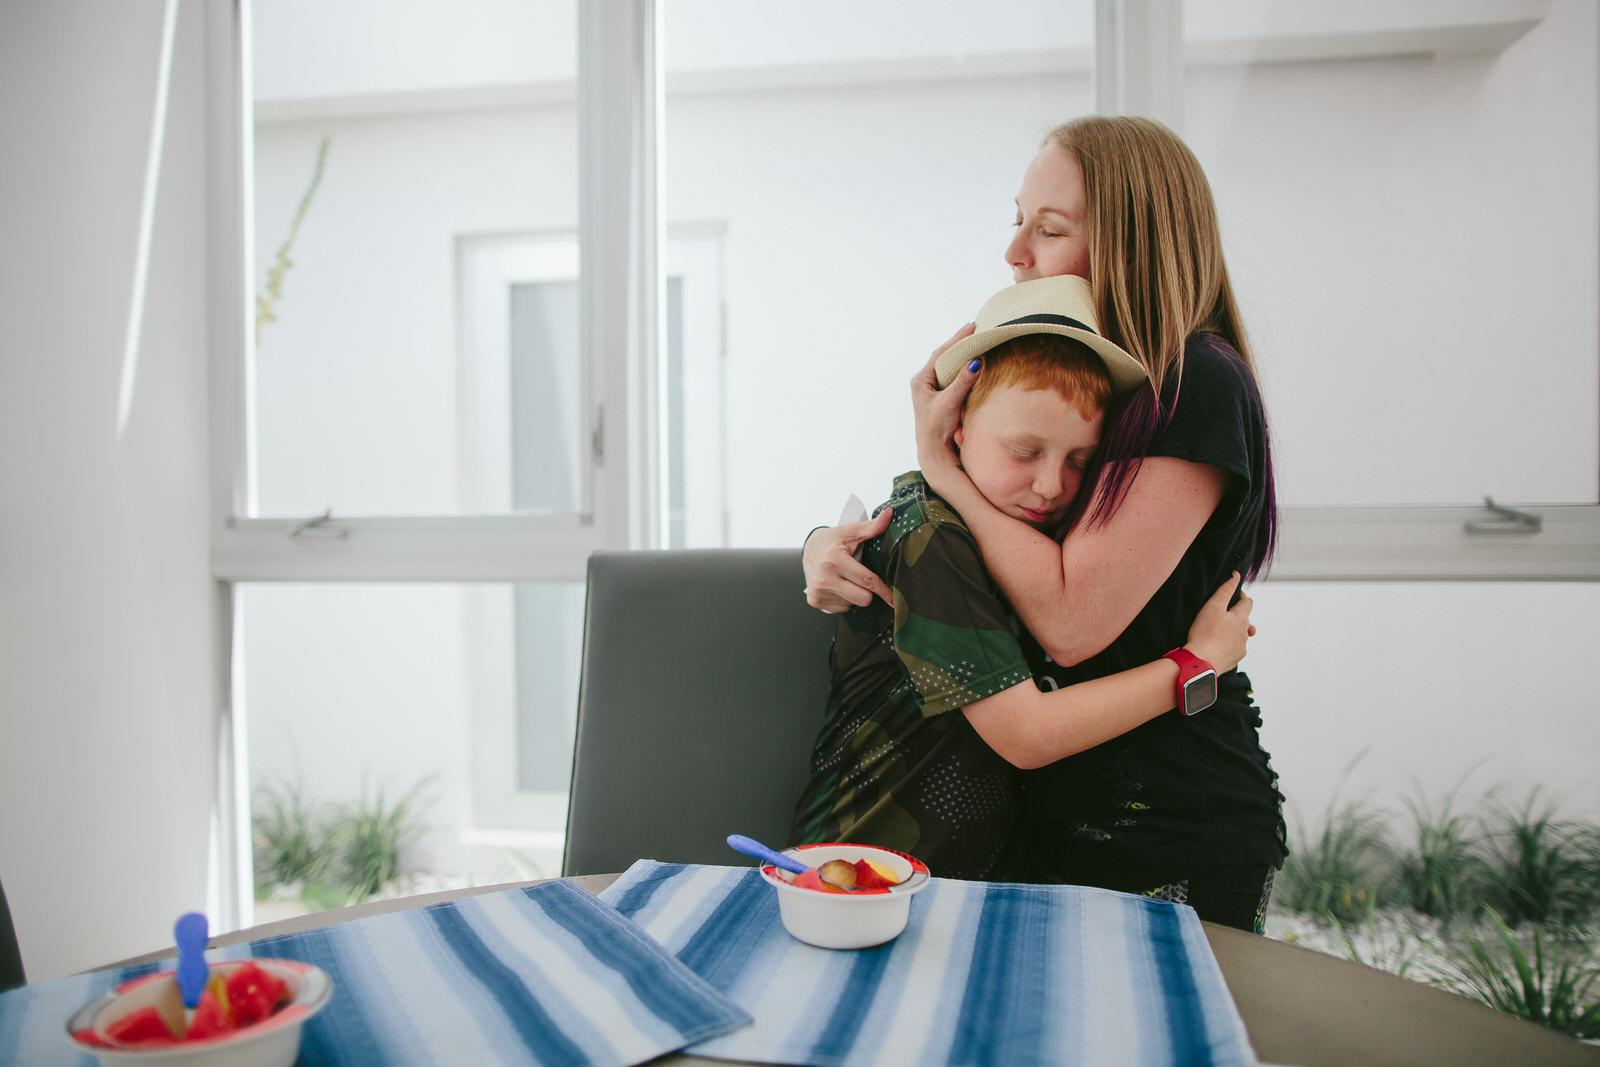 mom_hugging_son_family_DITL.jpg